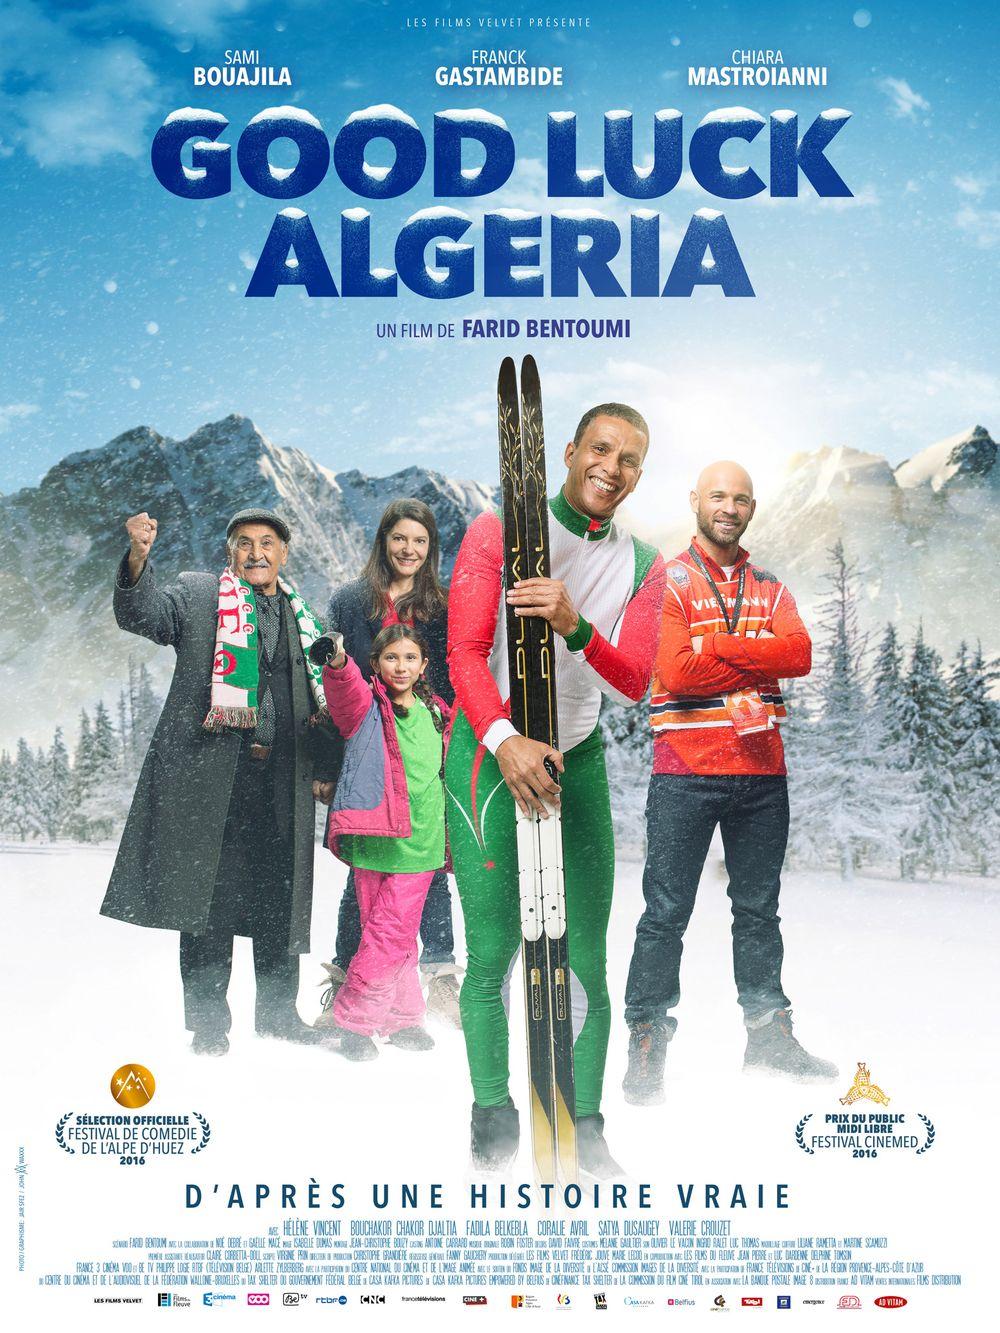 MASCARADES TÉLÉCHARGER GRATUIT FILM ALGERIE